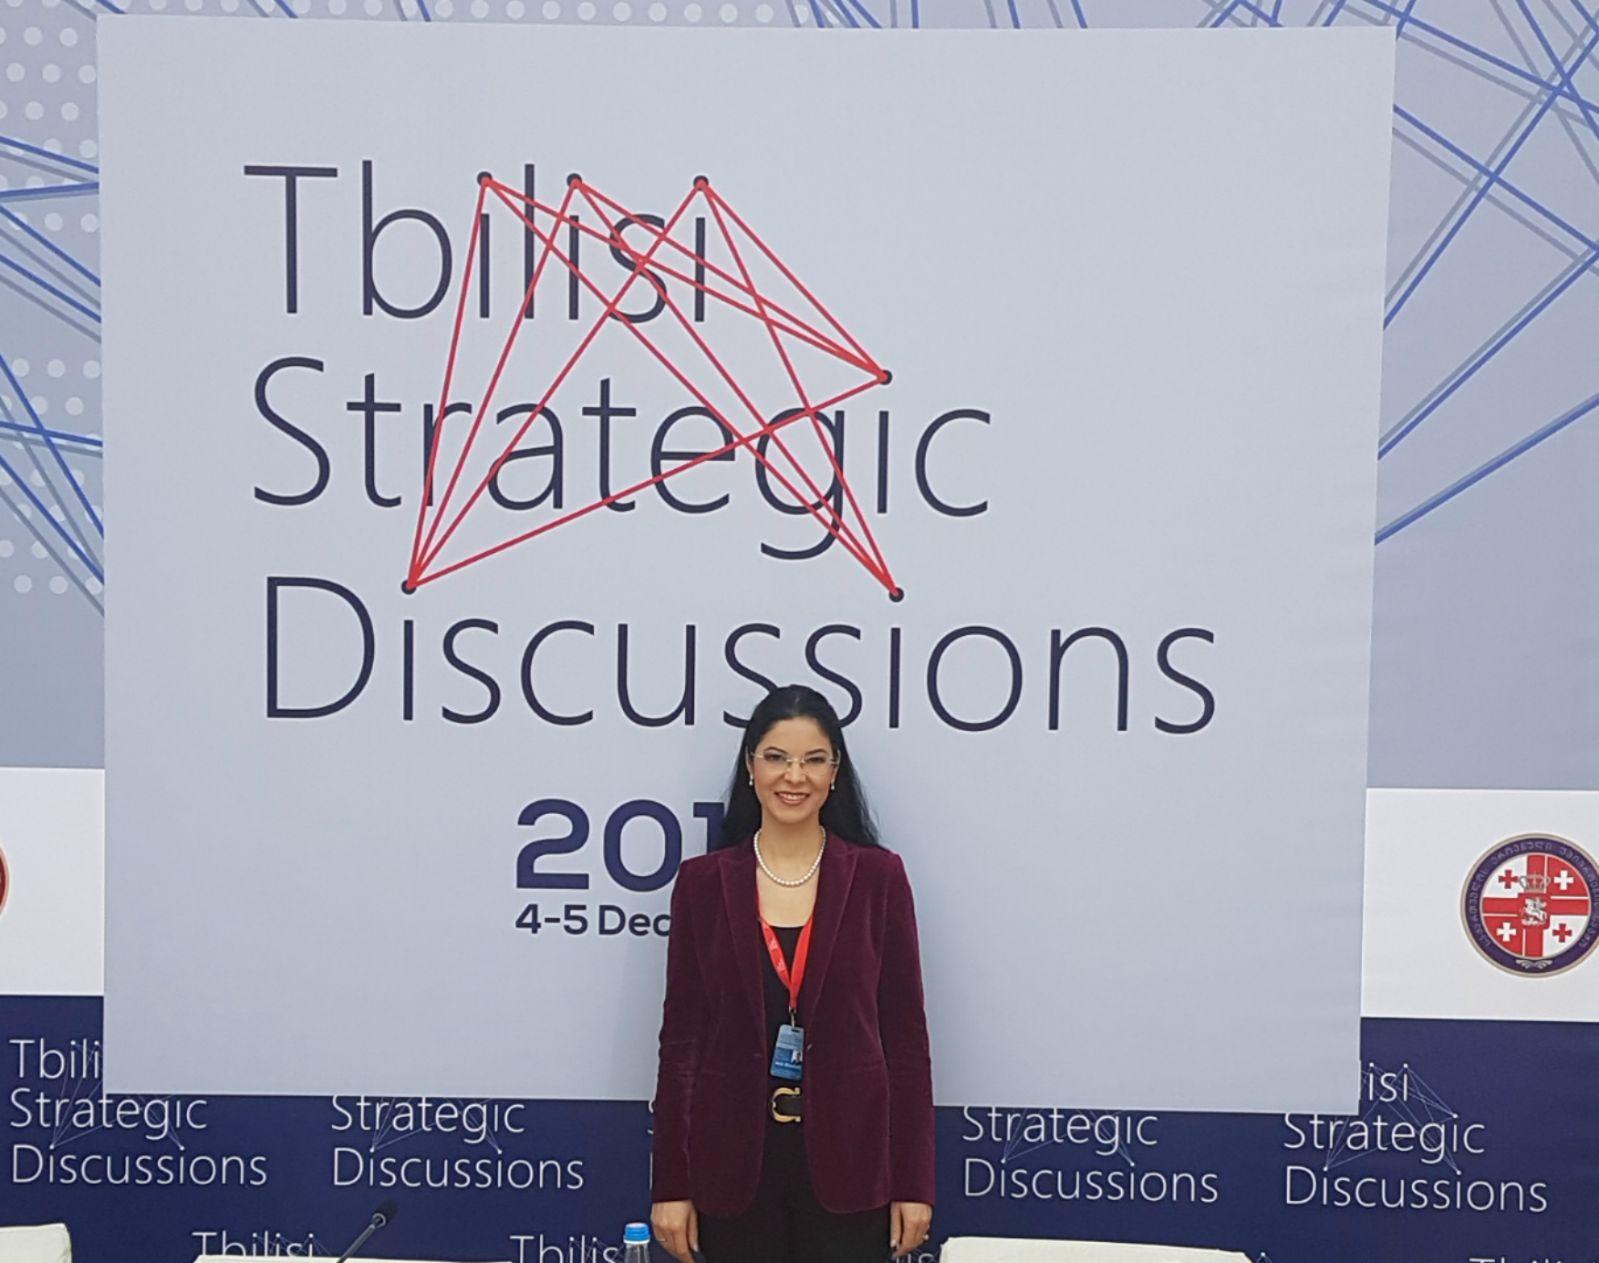 Ana Birchall: Marea Neagră are o importanță geostrategică deosebită, iar cooperarea strânsă a statelor din regiune este esențială din perspectiva gestionării provocărilor actuale de securitate